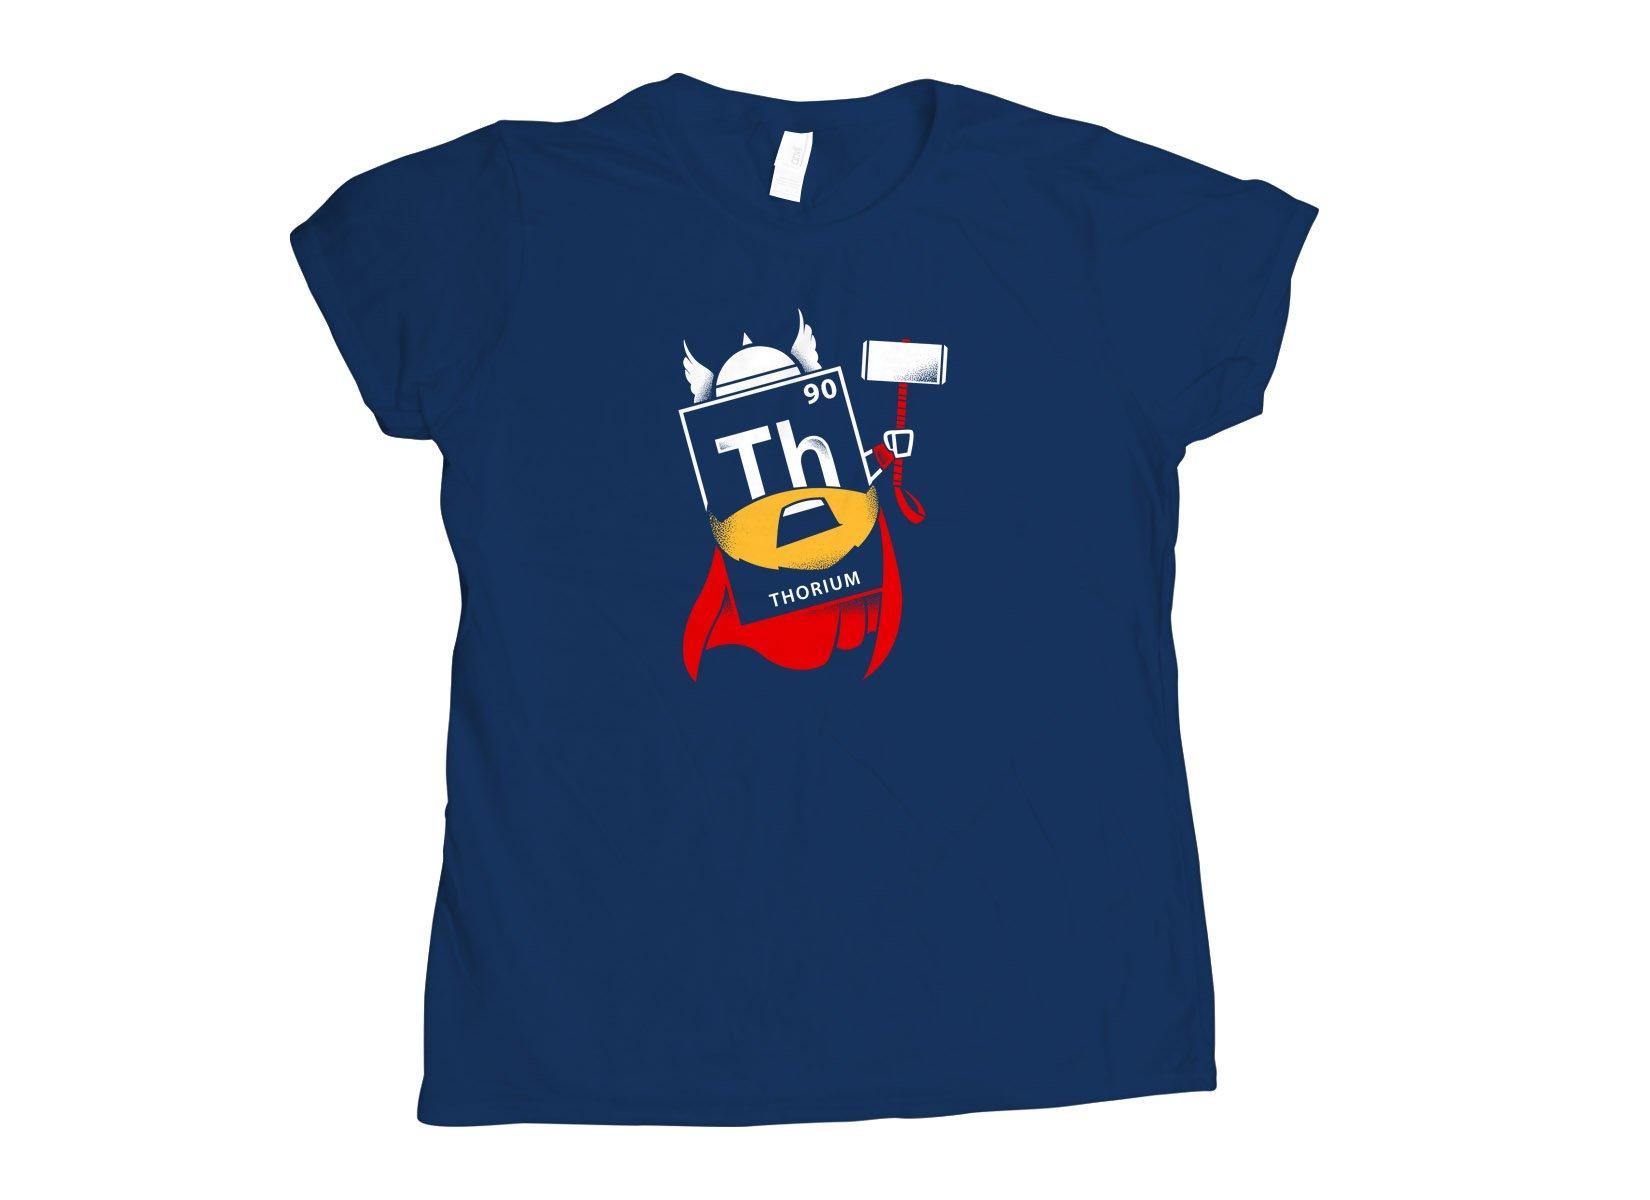 Thorium on Womens T-Shirt